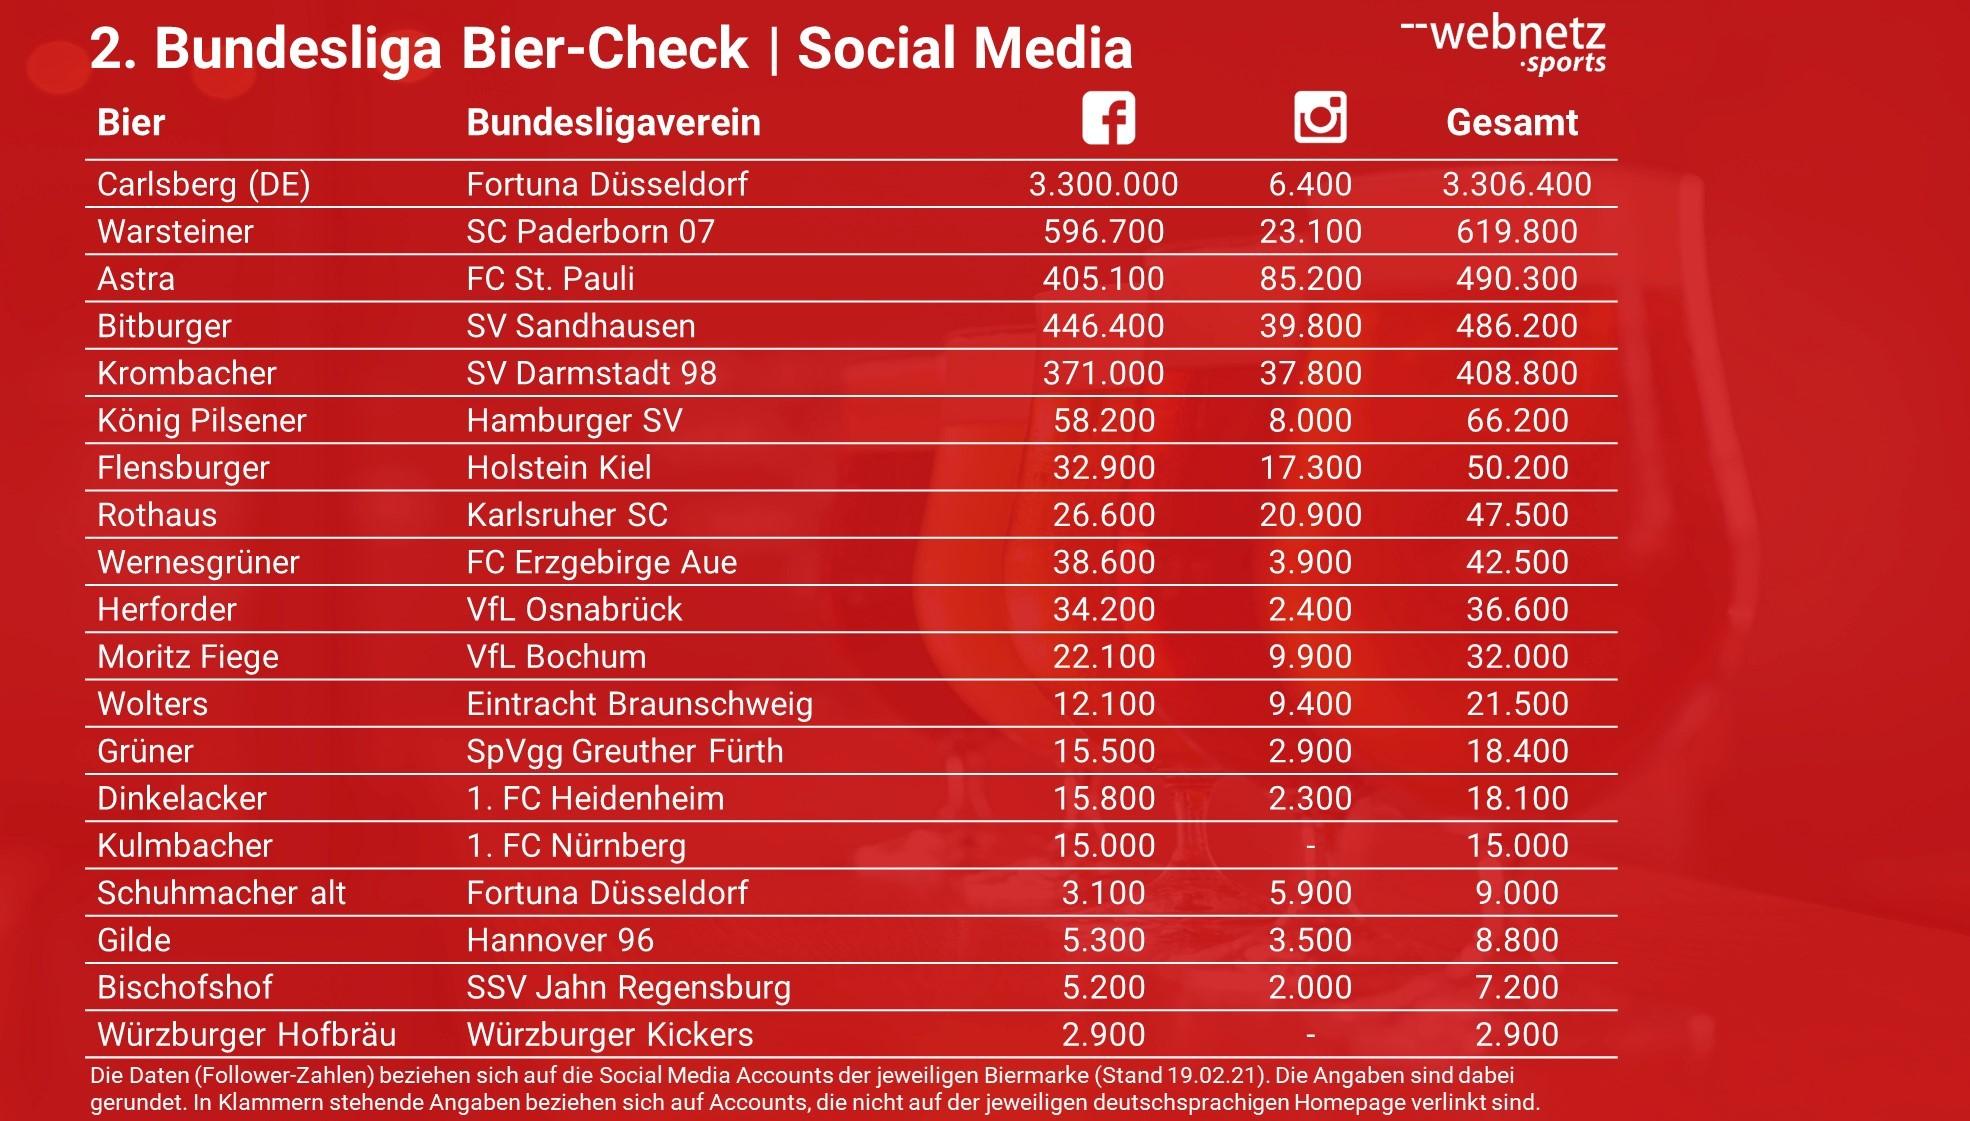 Ranking der zweiten Bundesligasponsoren in der Bierbranche mit Hilfe der Social Media Follower bei Facebook und Instagram.